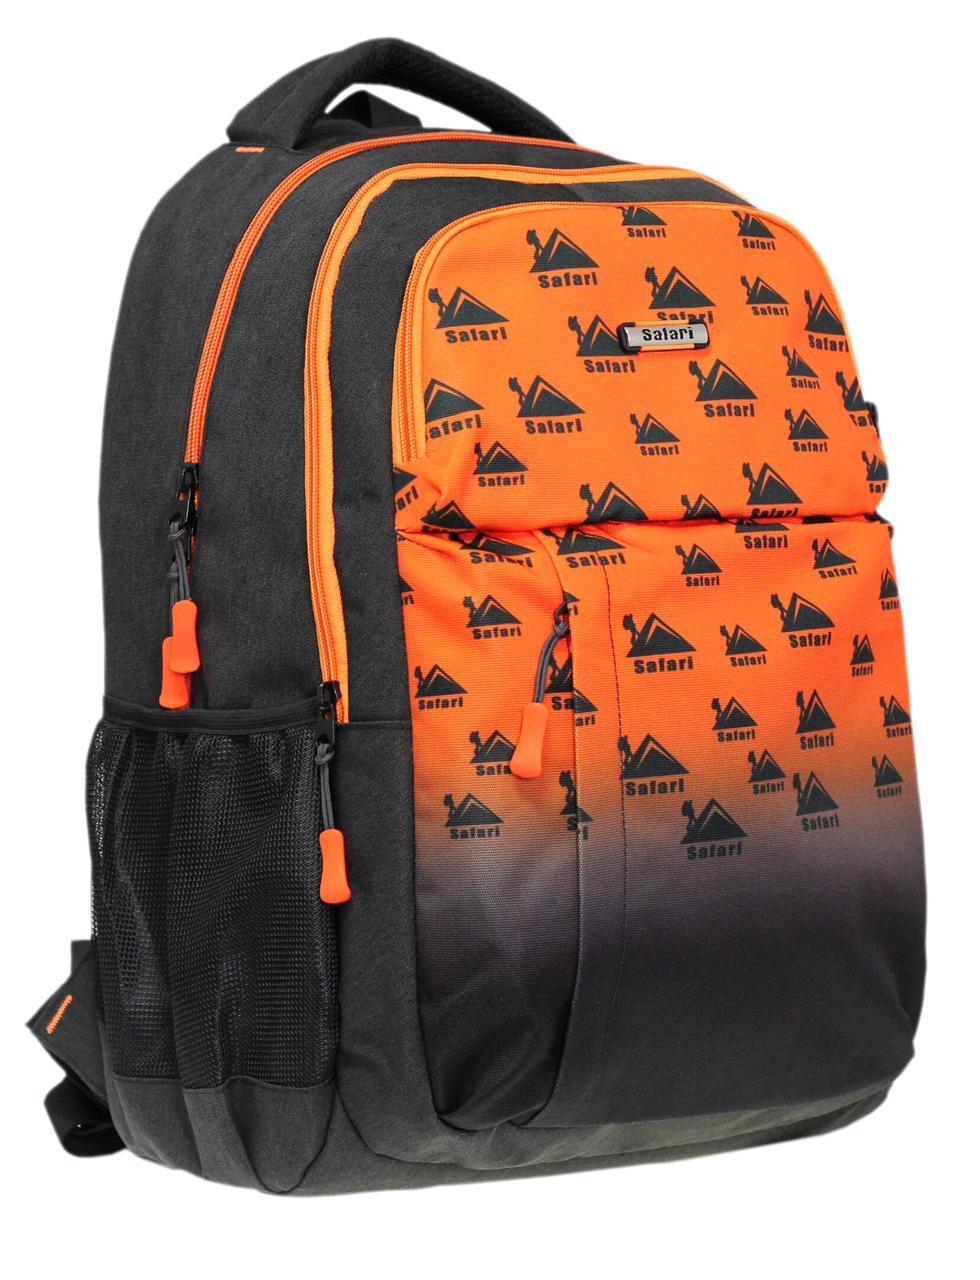 Рюкзак, 2 отделения, 46*30*19см, PL, Safari Trend, 19-113L-1, SAFARI